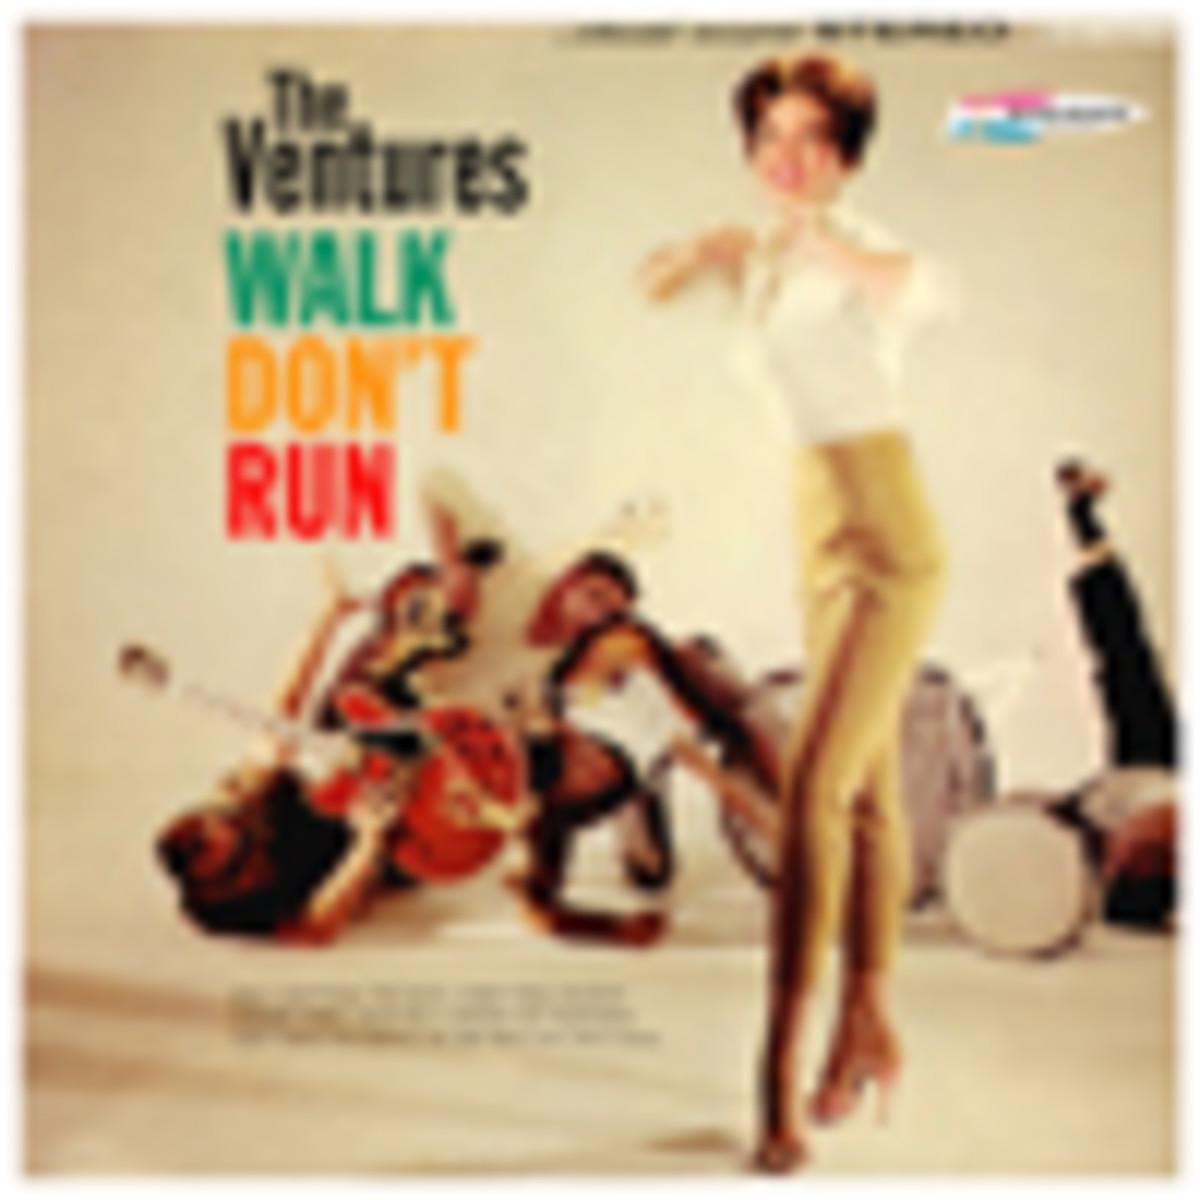 Ventures_WalkDontRun